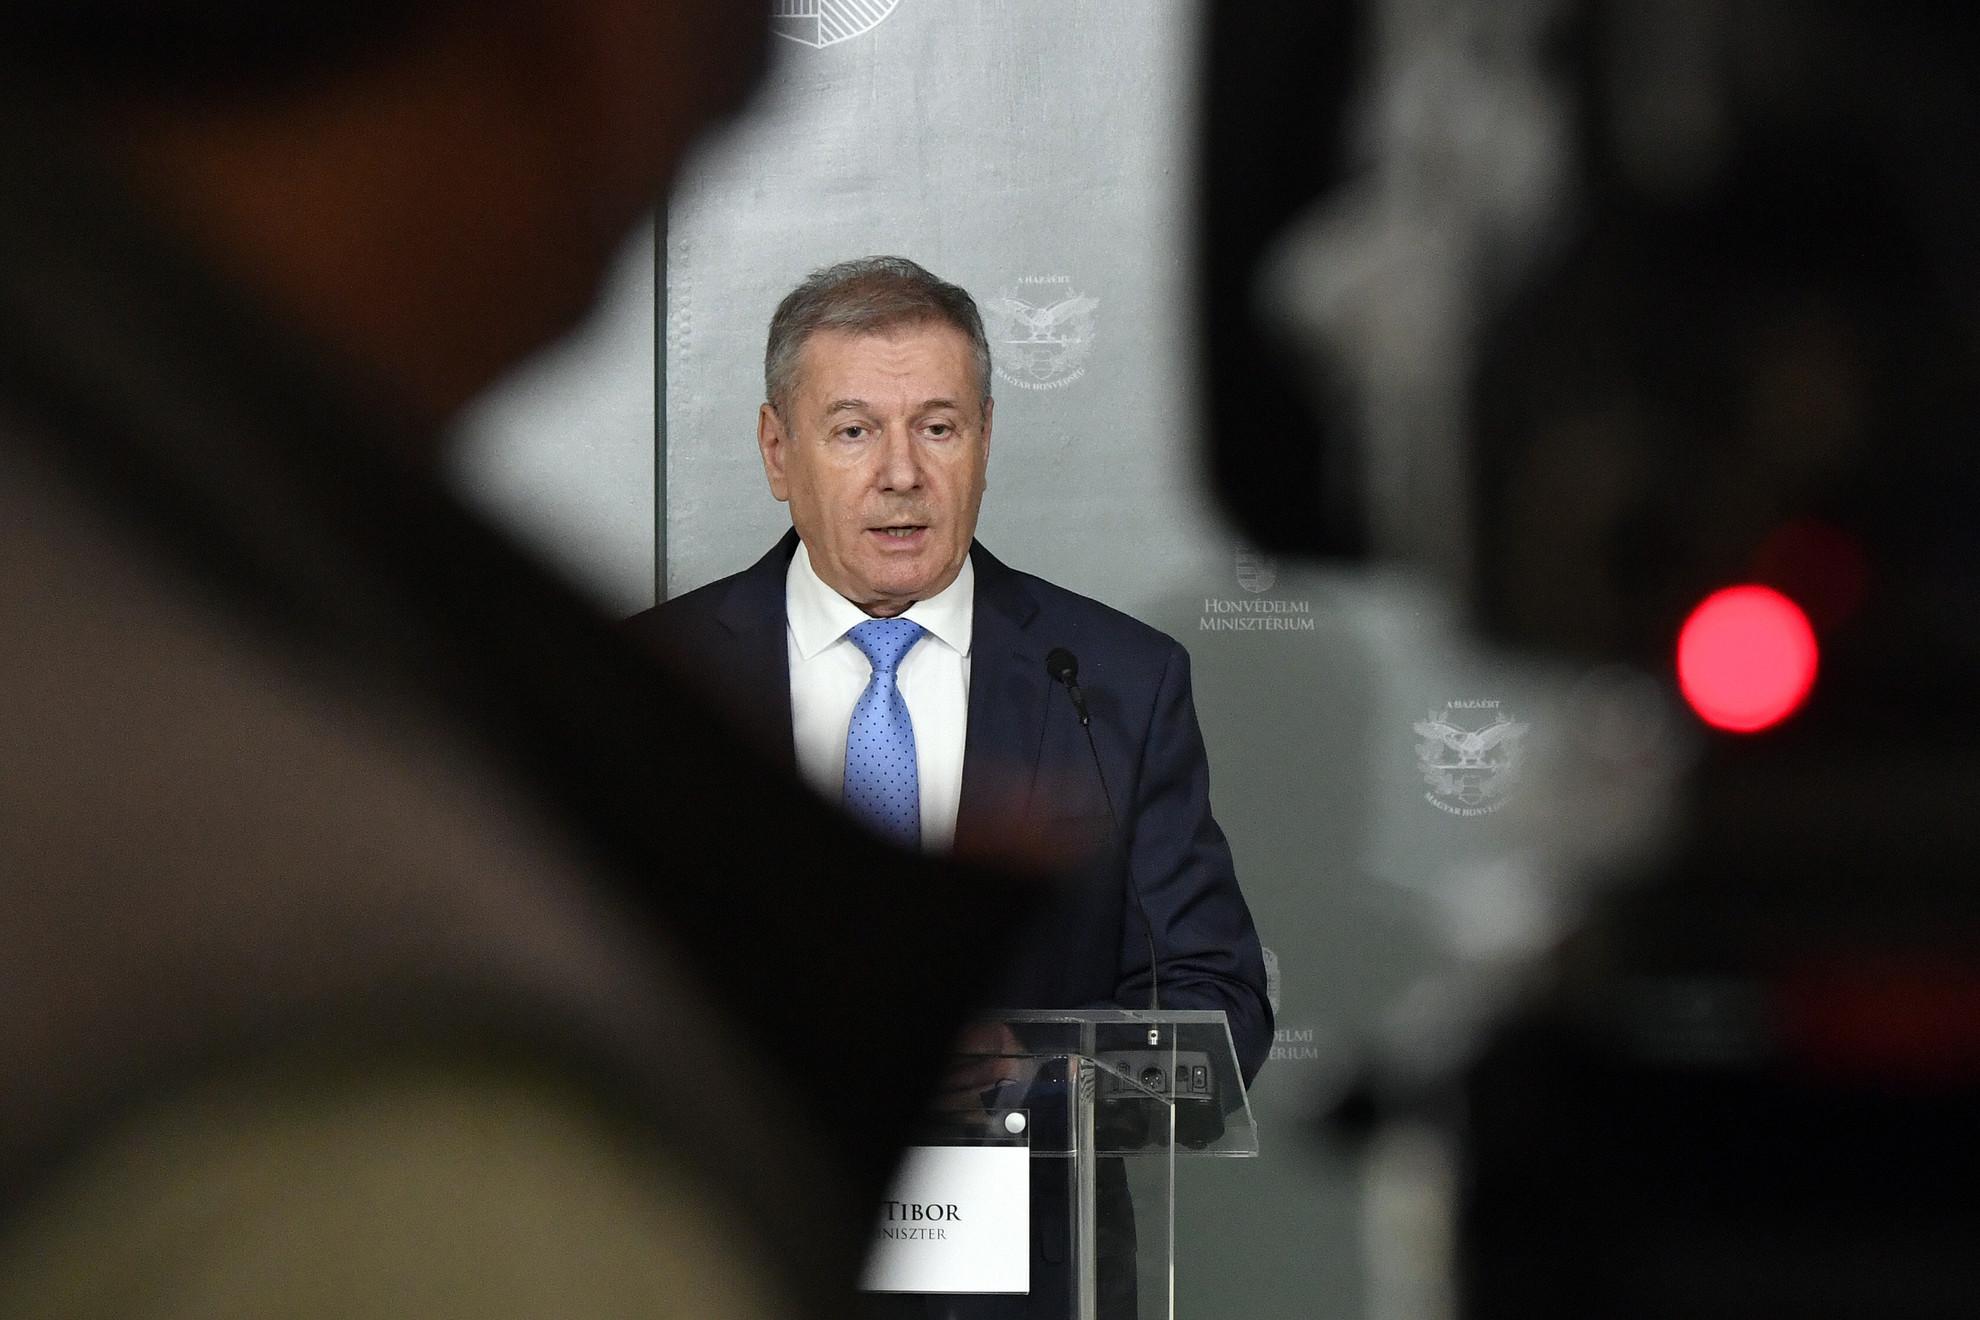 Benkő Tibor honvédelmi miniszter sajtótájékoztatót tart a Honvédelmi Minisztériumban 2020. november 2-án